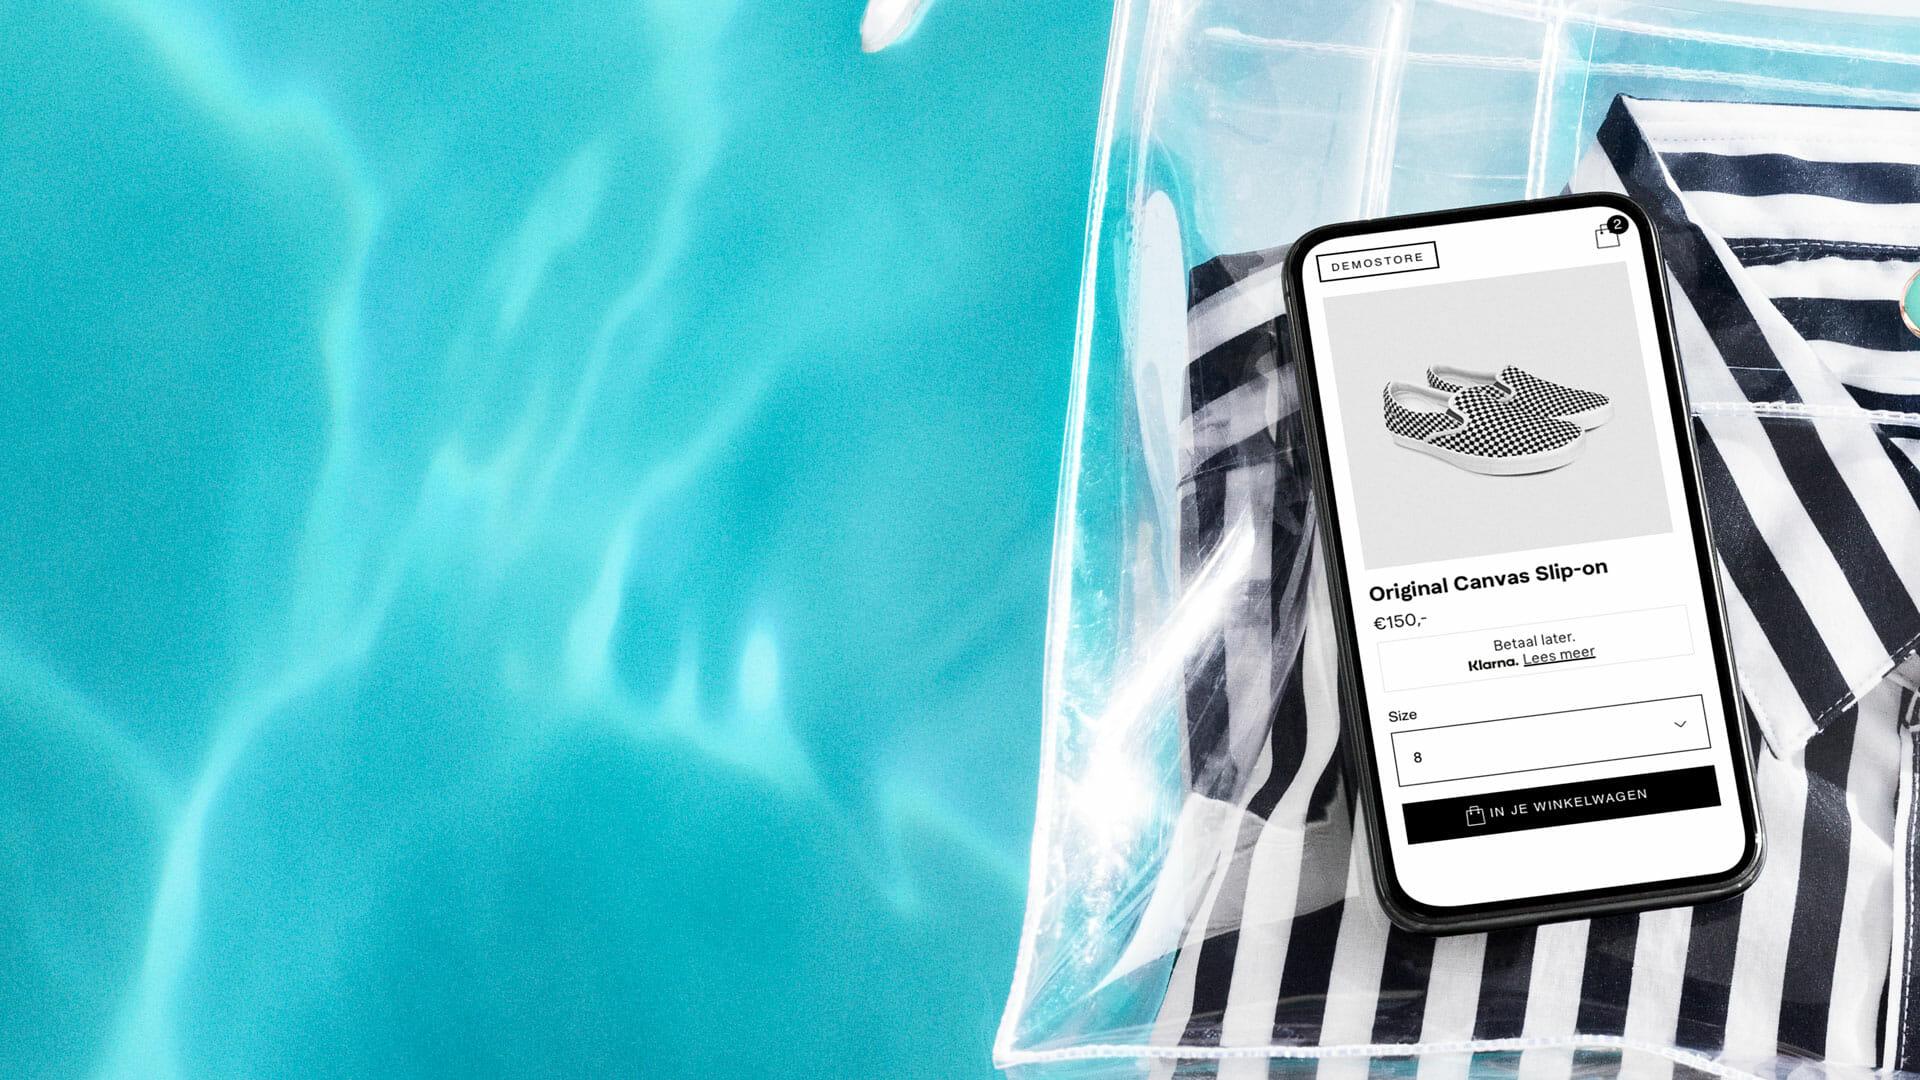 Achtergrond in zwembad - verkoop met Klarna